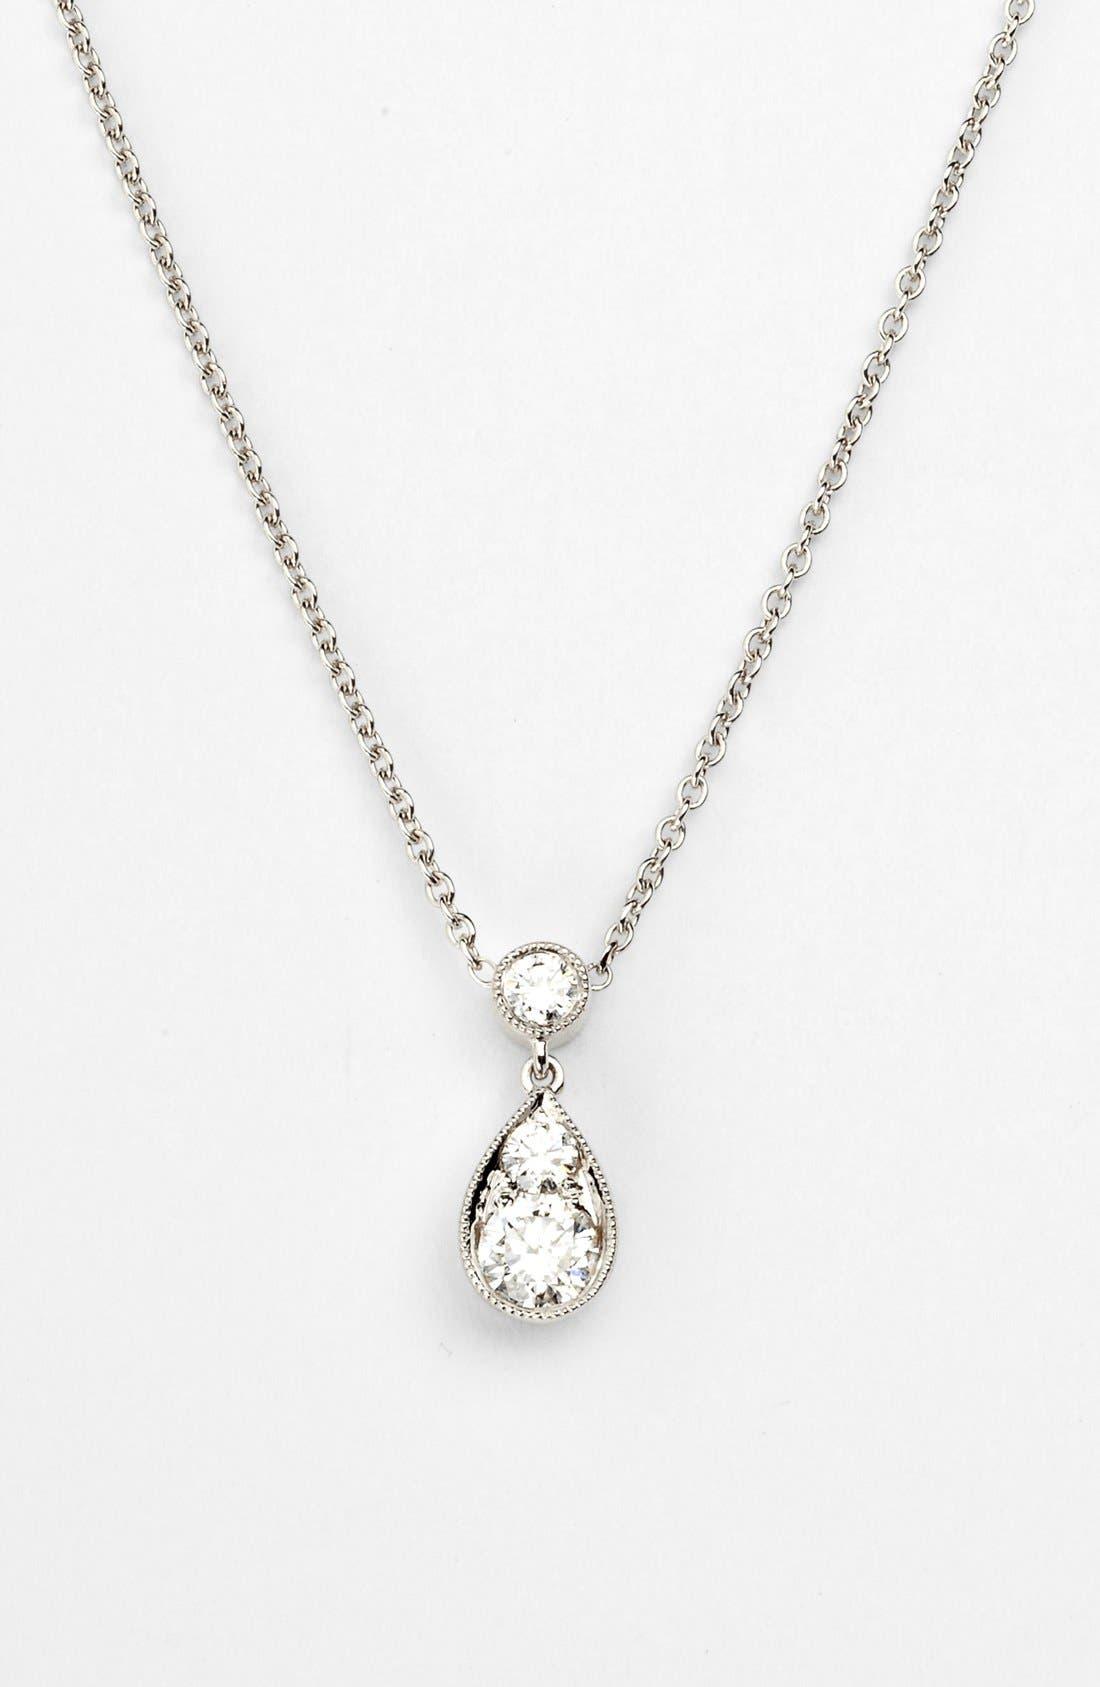 Main Image - Kwiat 'Sunburst' Diamond Teardrop Pendant Necklace